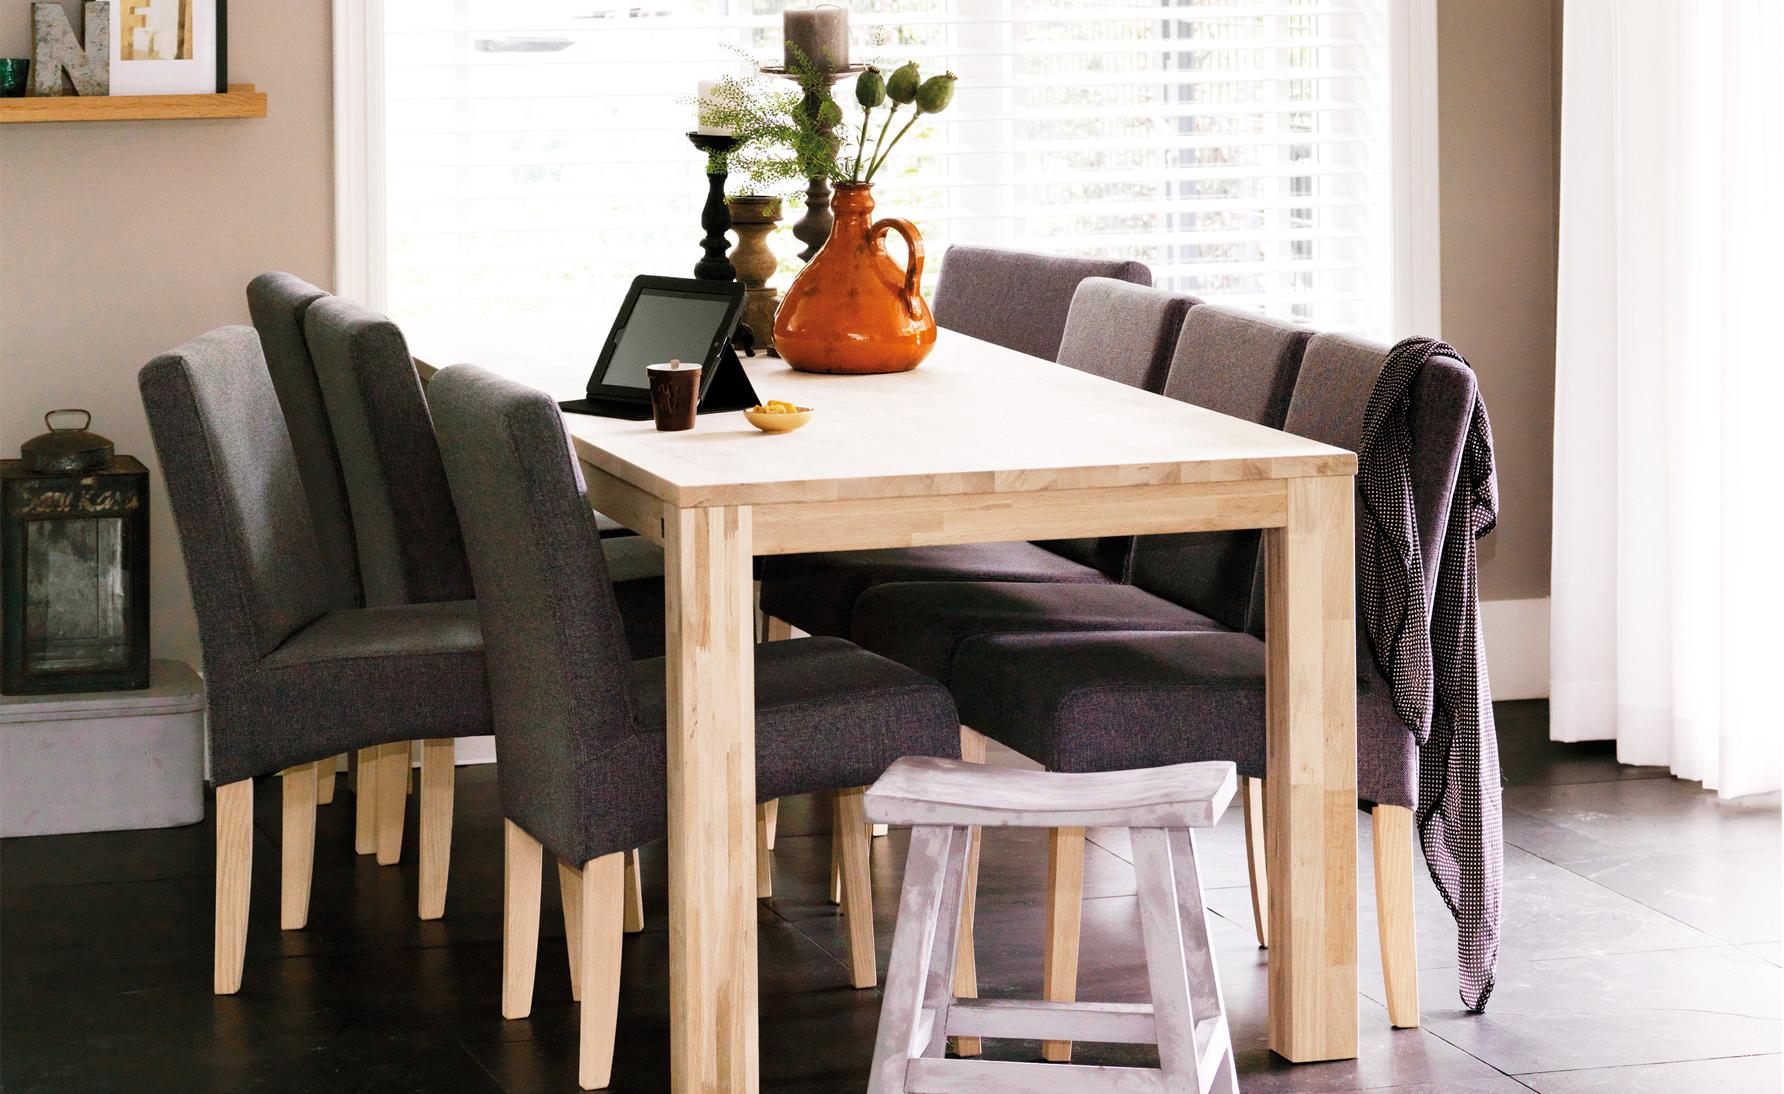 einrichten mit nat rlichen materialien seite 6. Black Bedroom Furniture Sets. Home Design Ideas